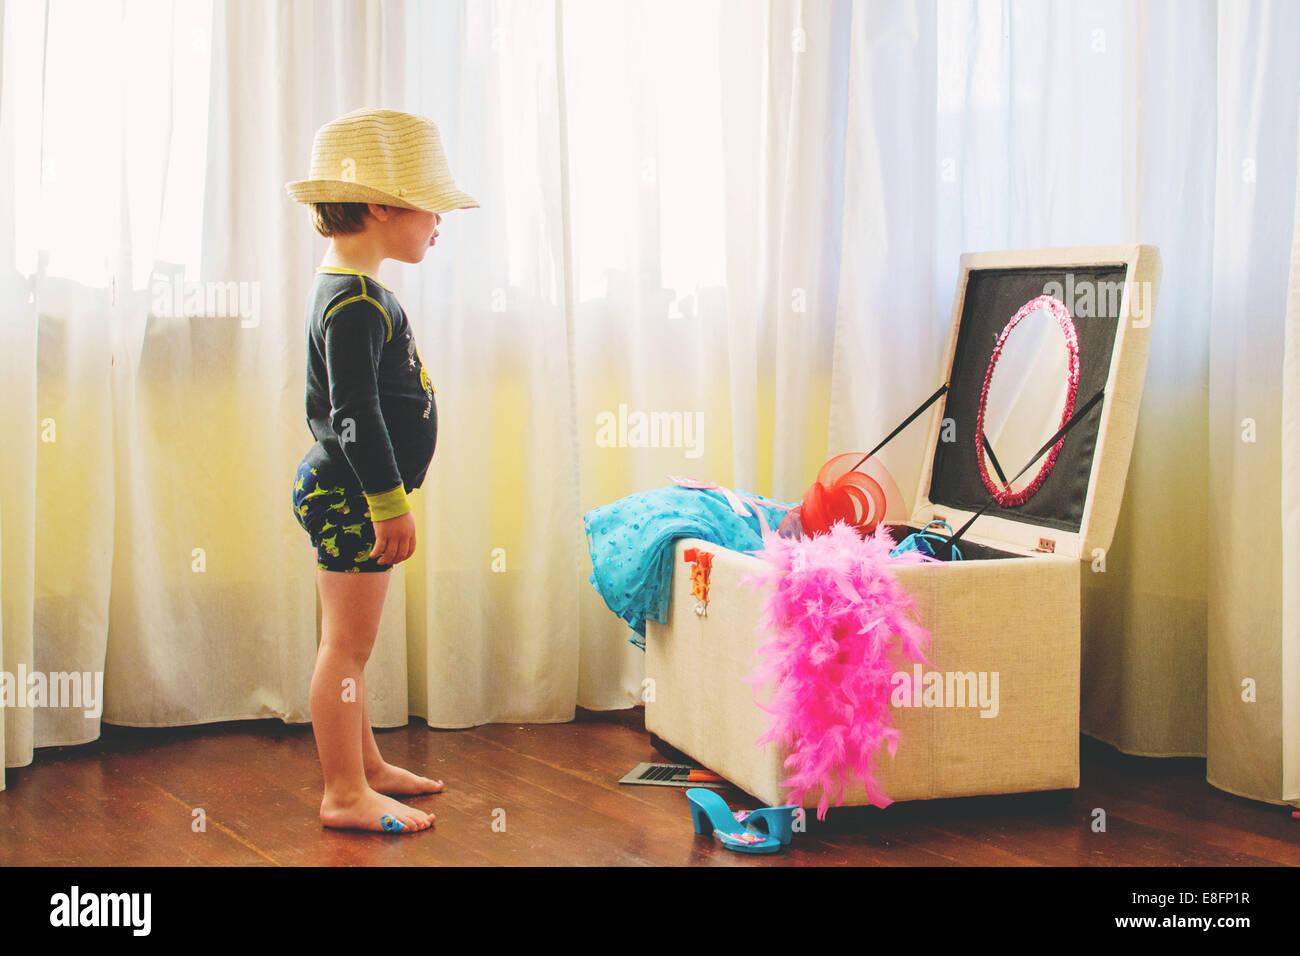 Boy (2-3) llevar sombrero grande por vestirse de verificación permanente Imagen De Stock